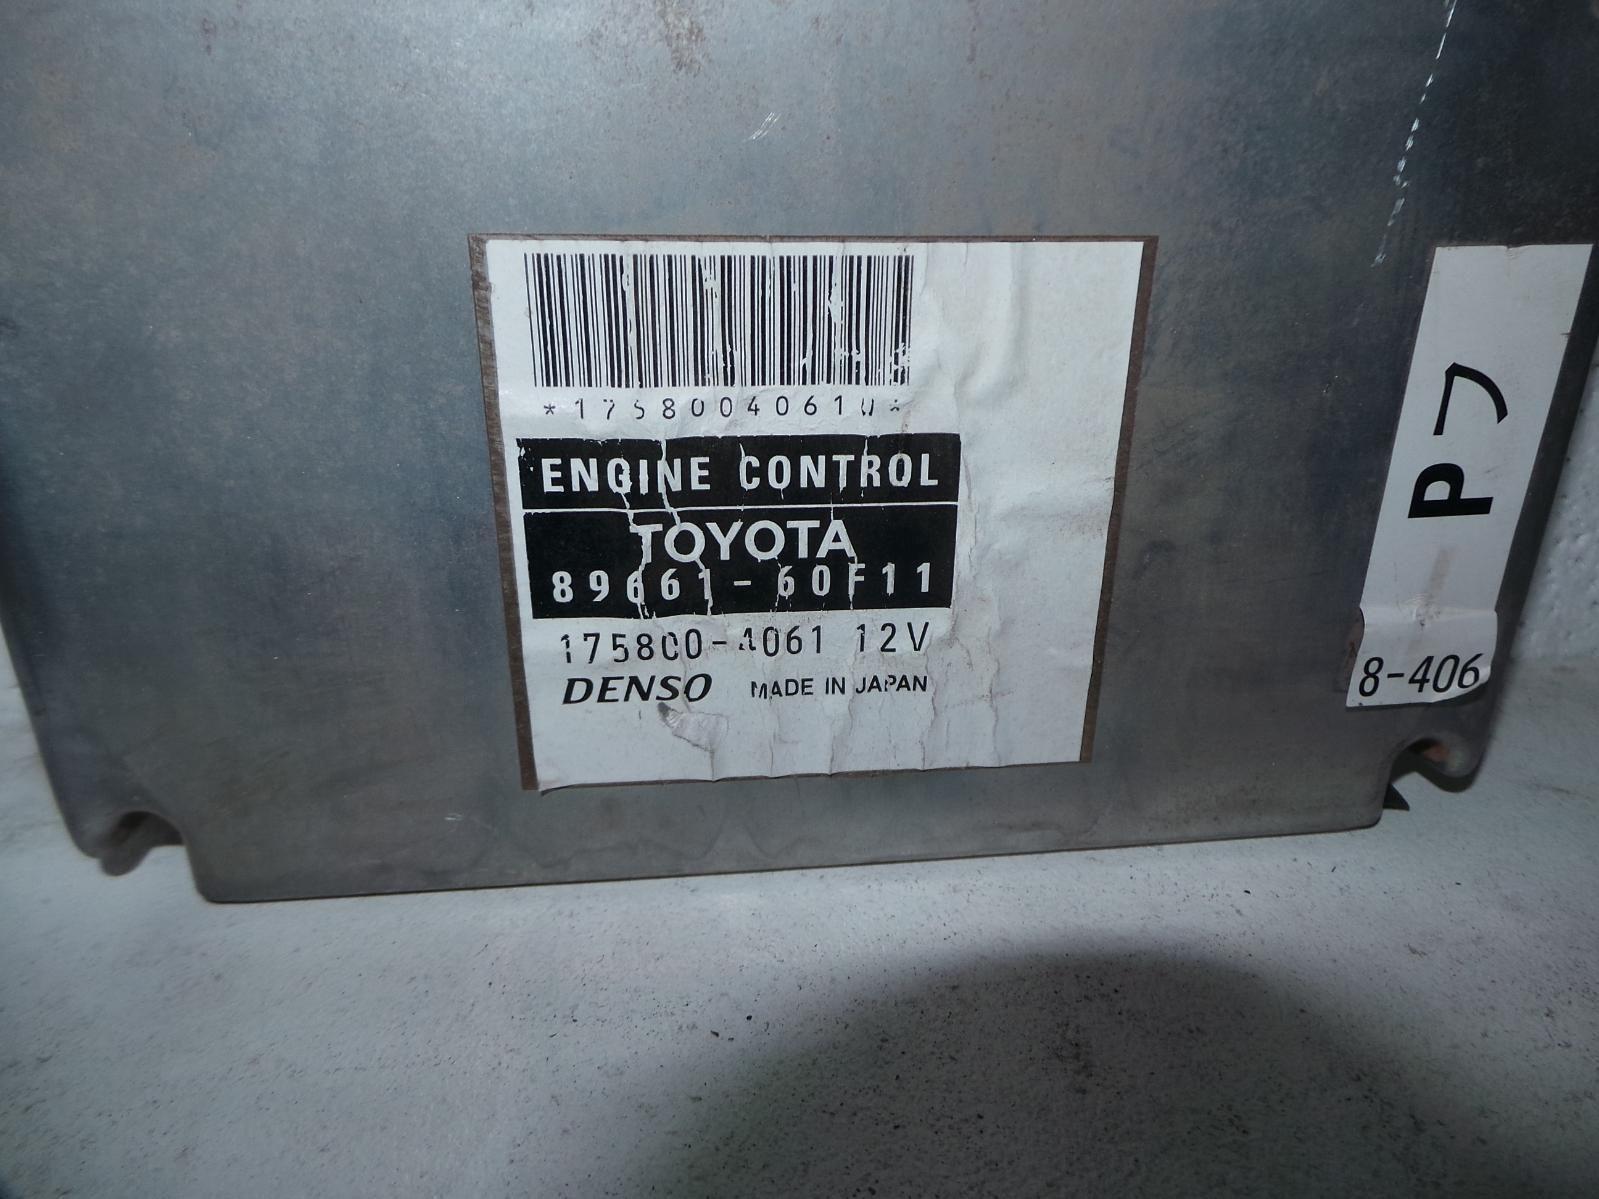 TOYOTA PRADO, Ecu, ENGINE ECU, 3 0, DIESEL, MANUAL, P/N 8966660860, ECU  ONLY, 120 SERIES, 02/03-10/06